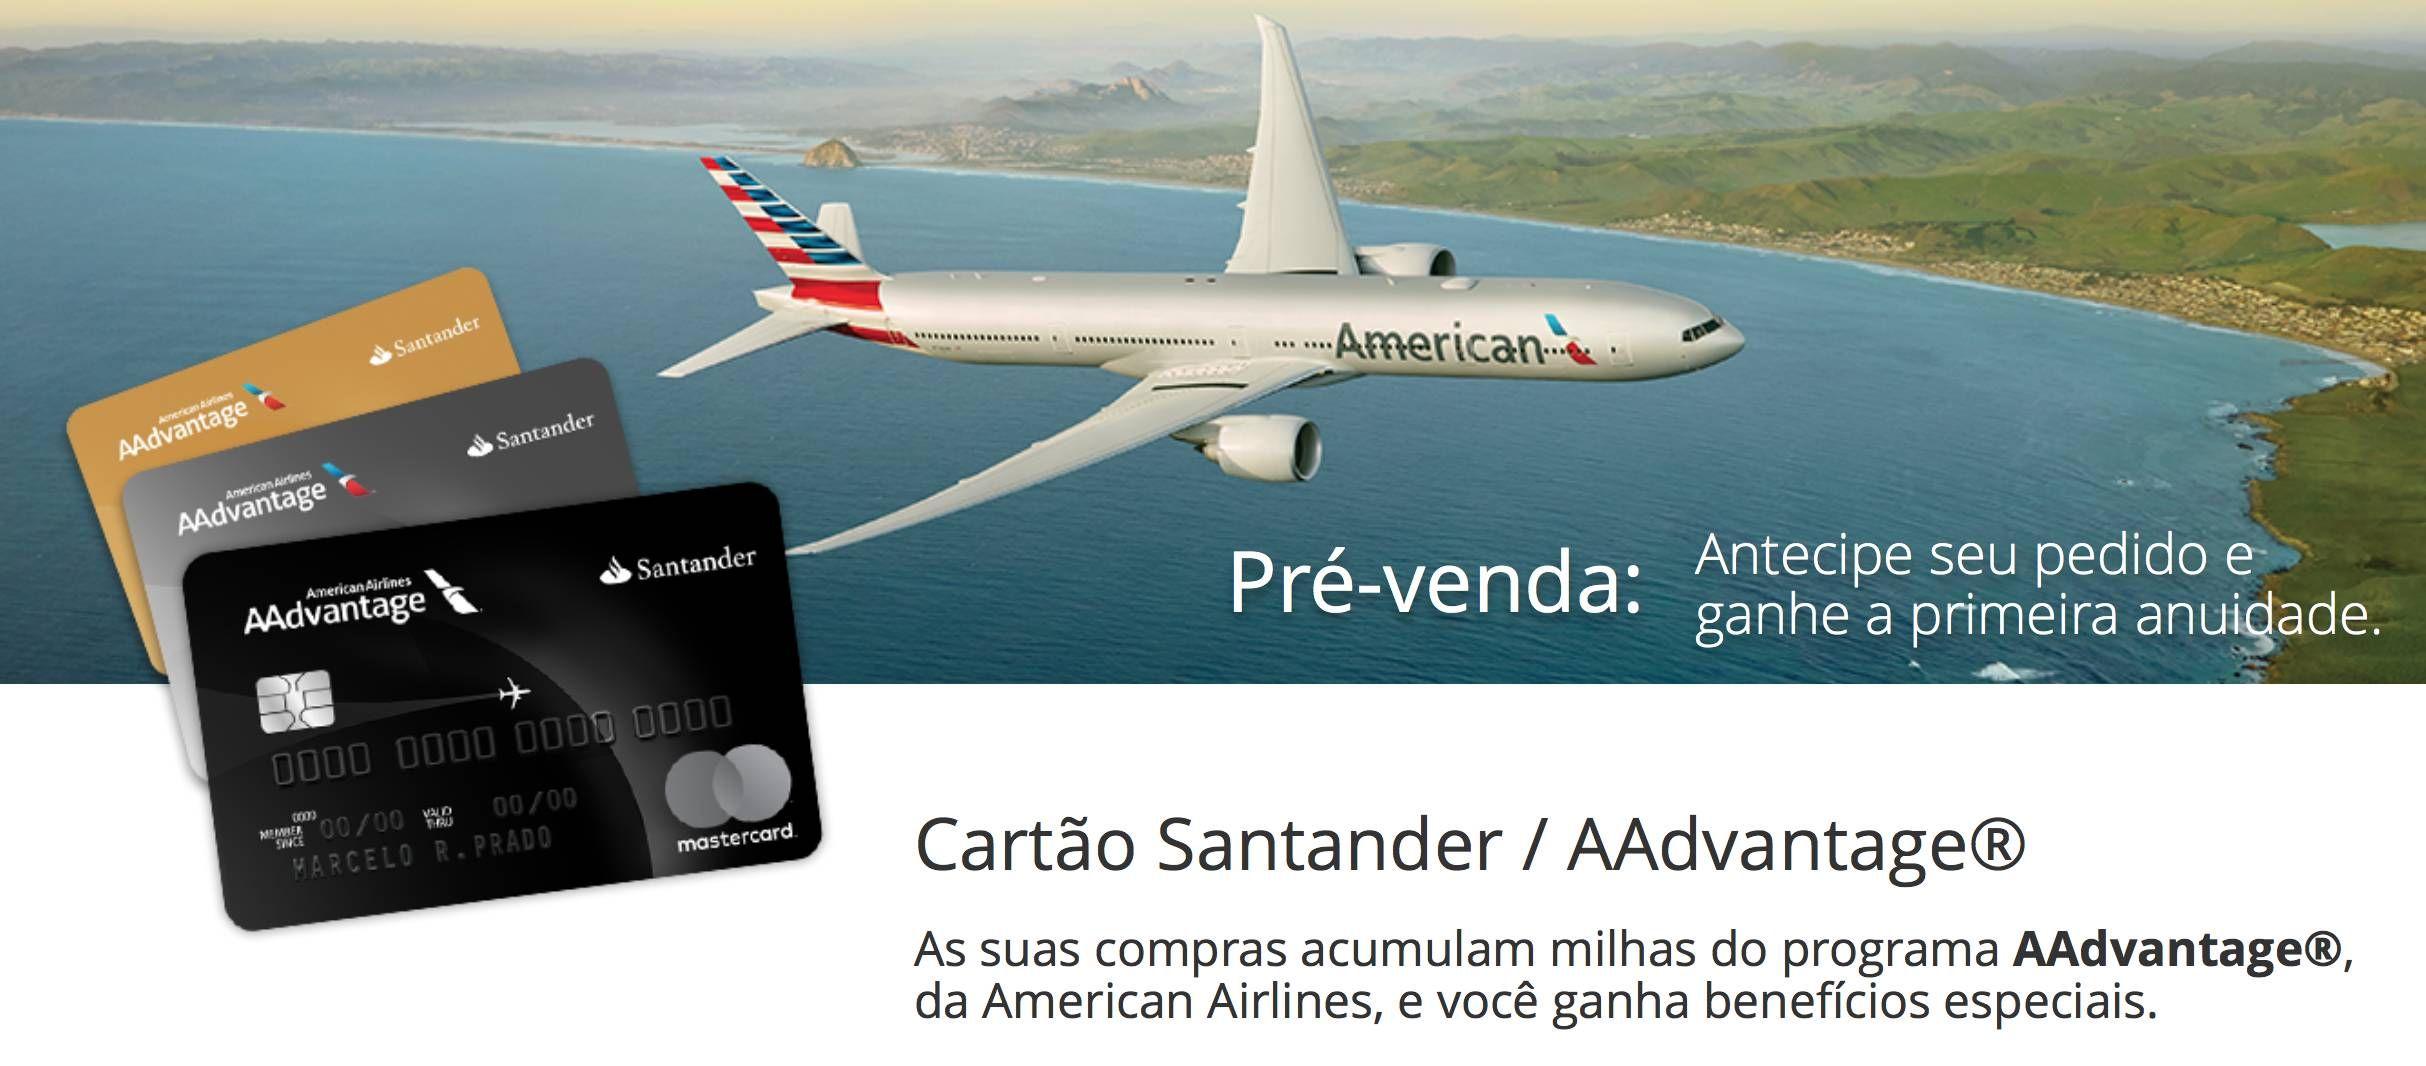 Santander confirma que cartão Black da American Airlines virá com o Priority Pass